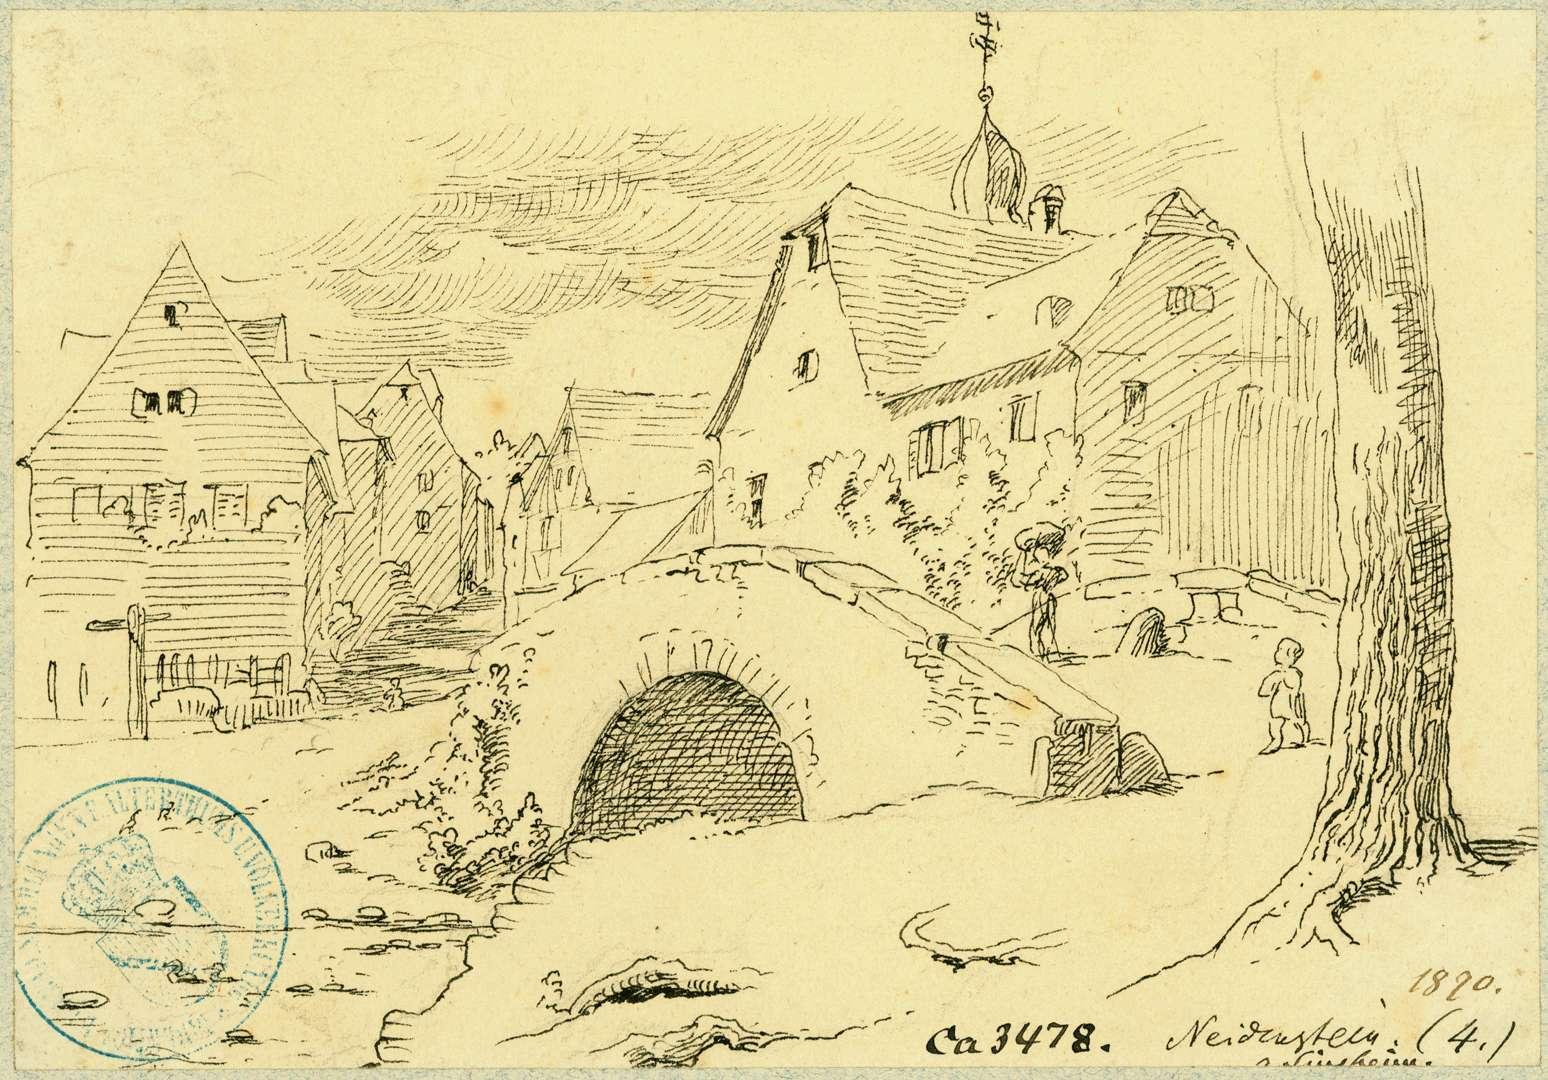 Neidenstein Straßenbild mit Steinbrücke, Bild 1